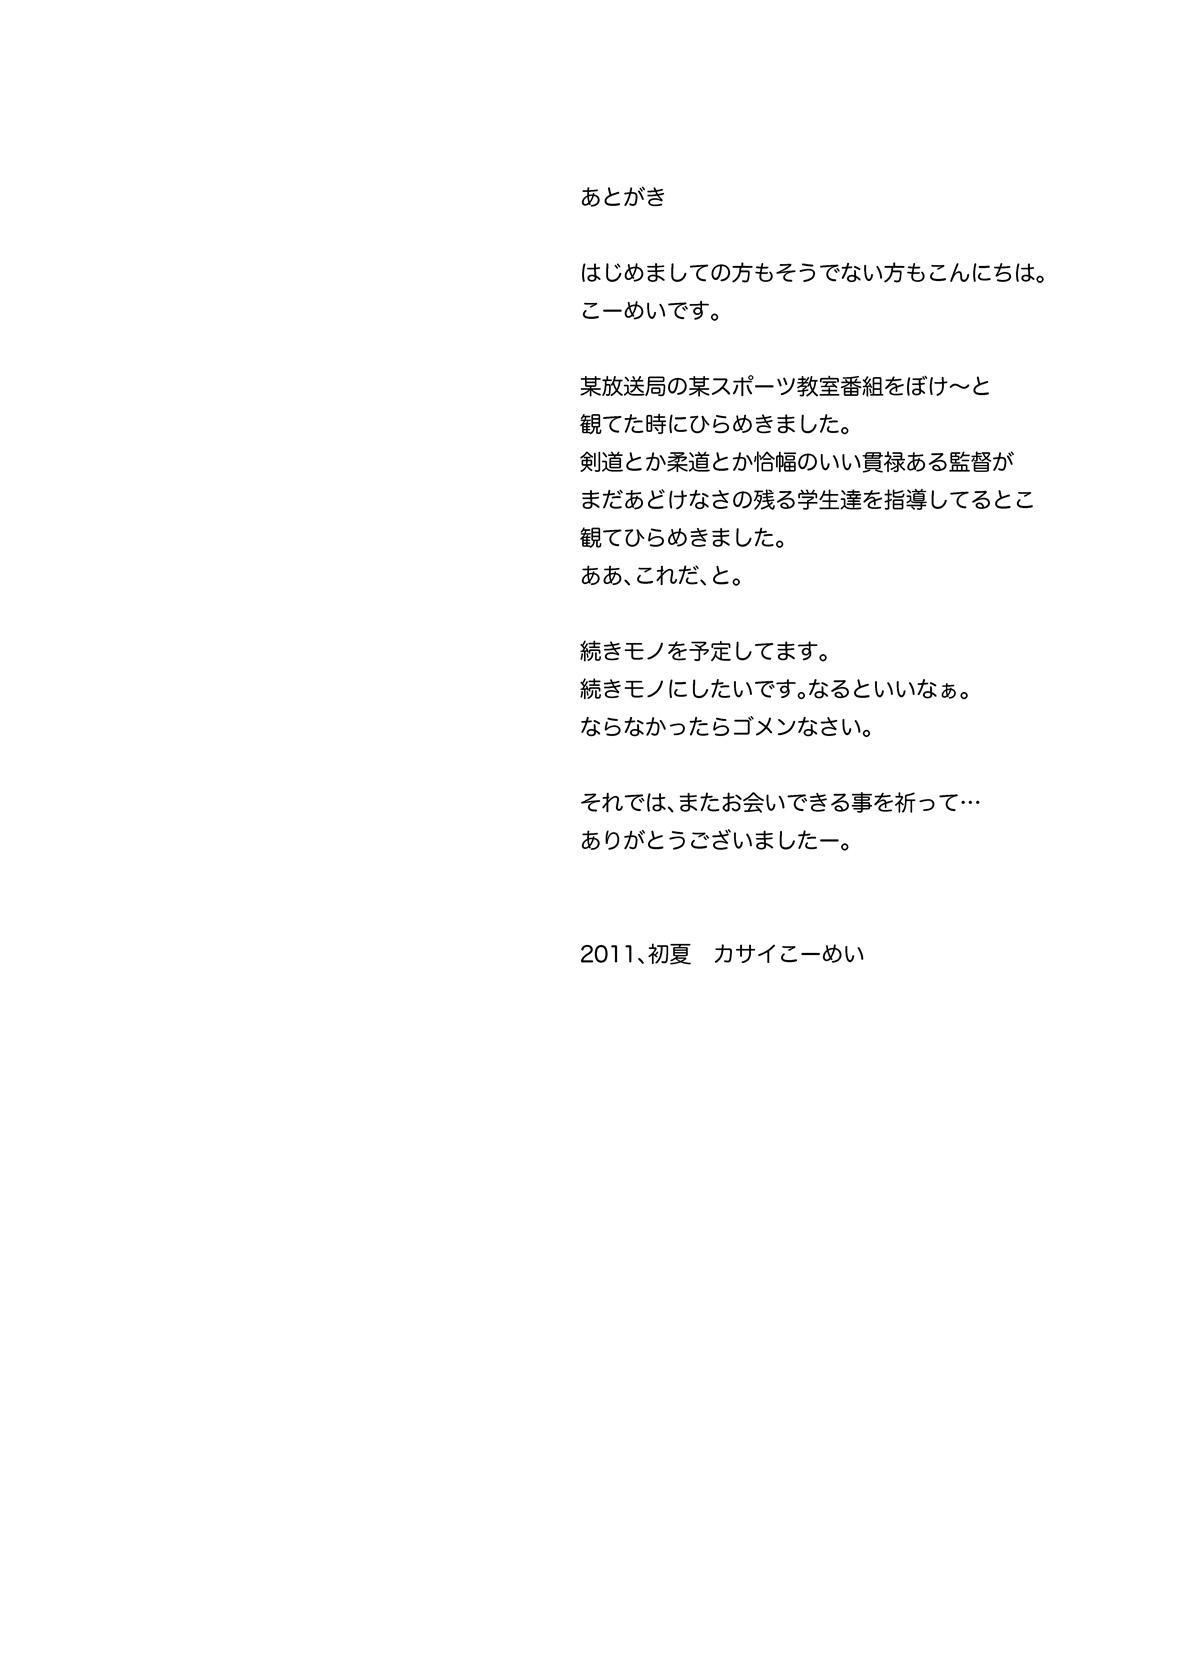 Tadashii Danshi no Kyouren Hou 29